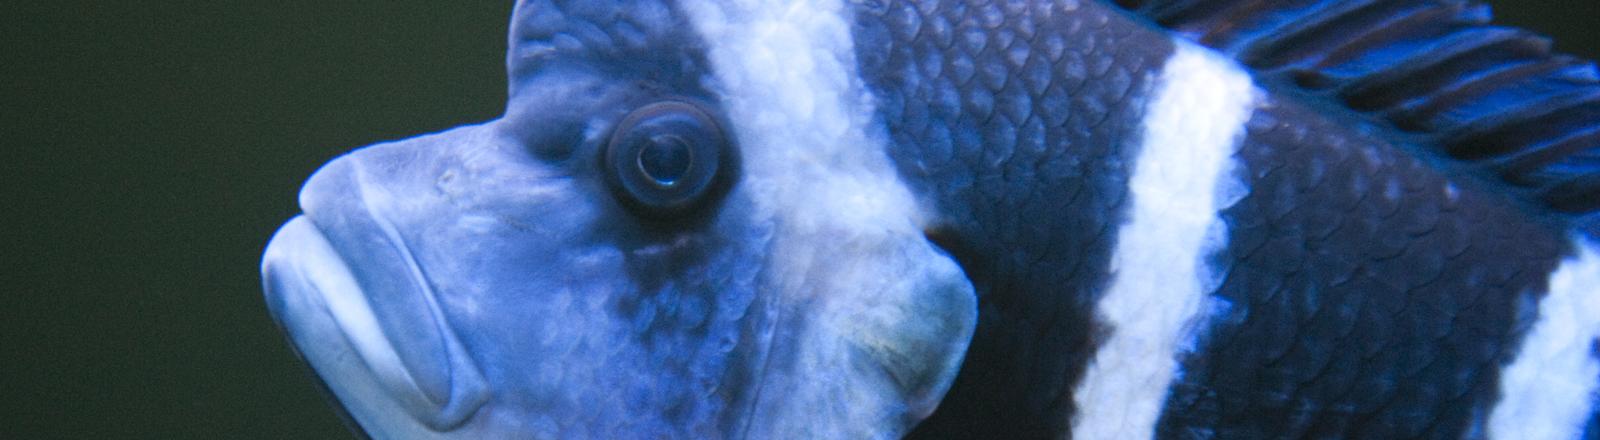 Ein Tanganjika-Beulenkopf-Buntbarsch schwimmt am Freitag (03.02.2012) im Zoo-Aquarium in Berlin.